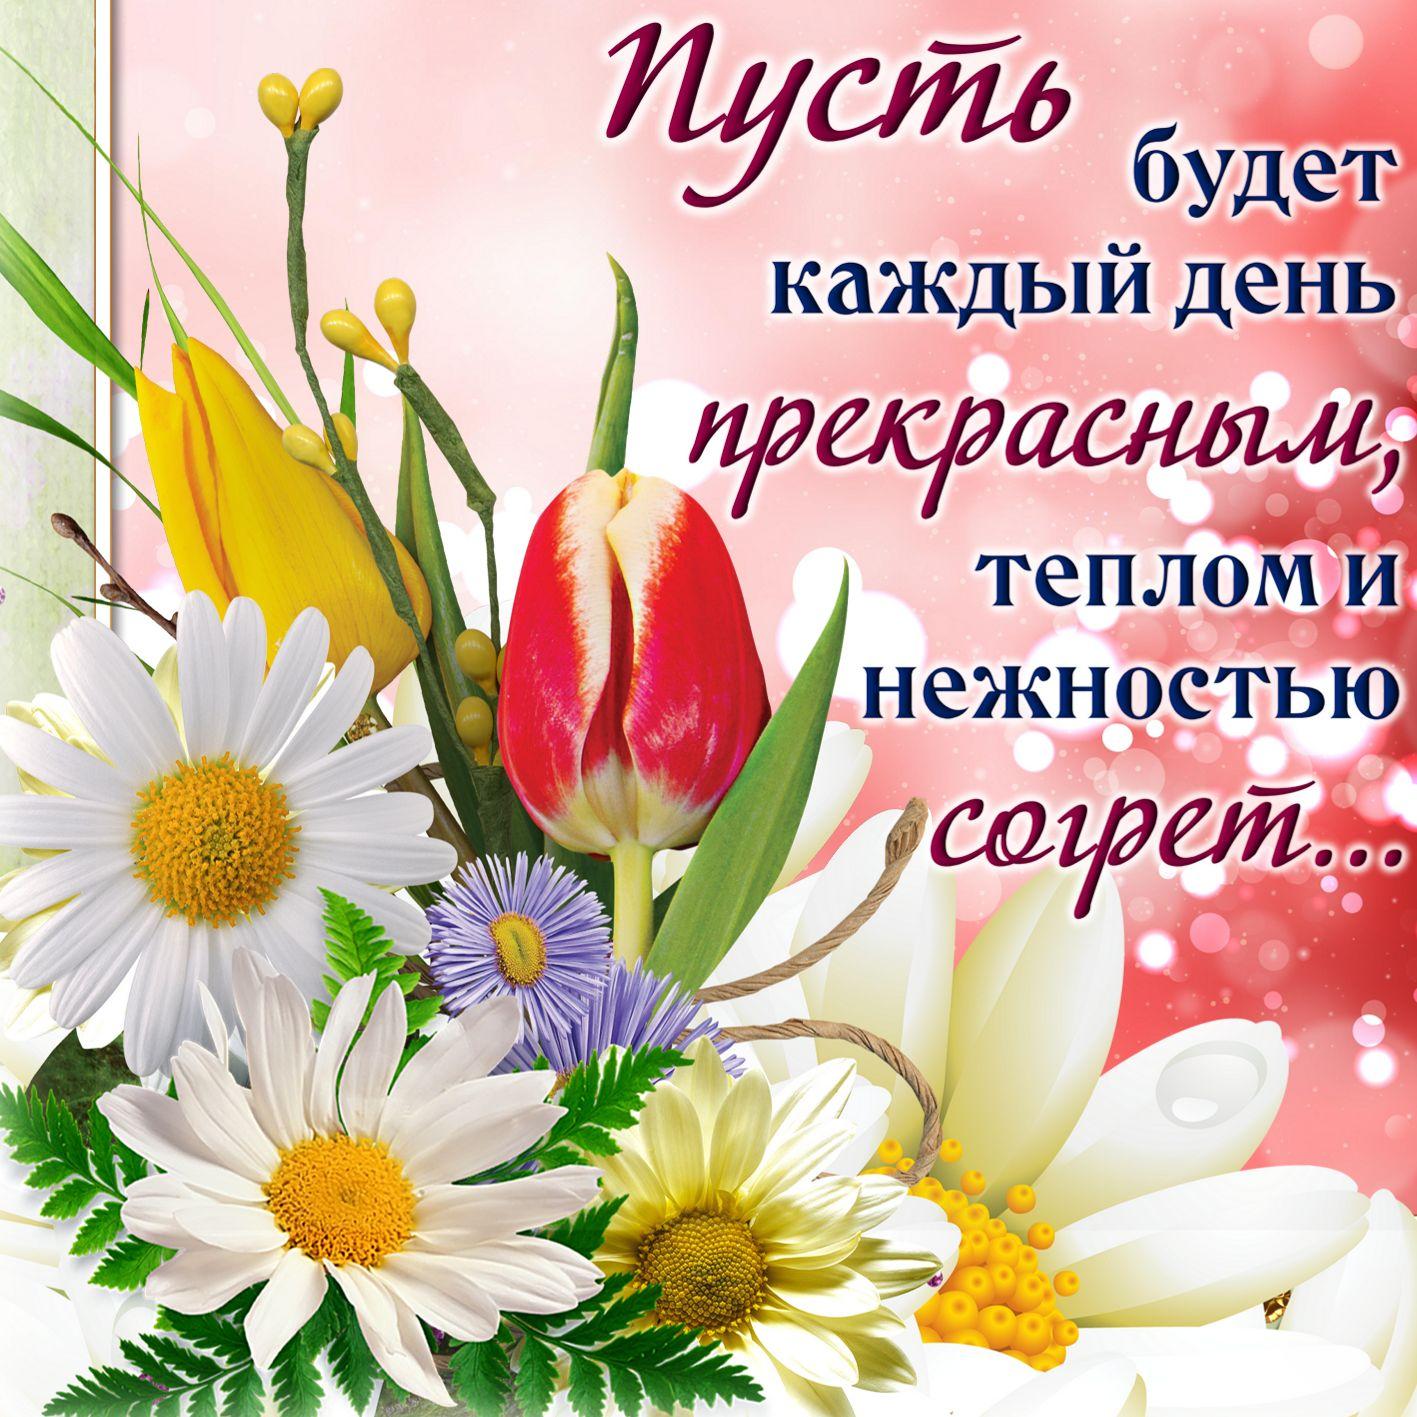 Открытка с пожеланием - красивые цветы на сияющем фоне